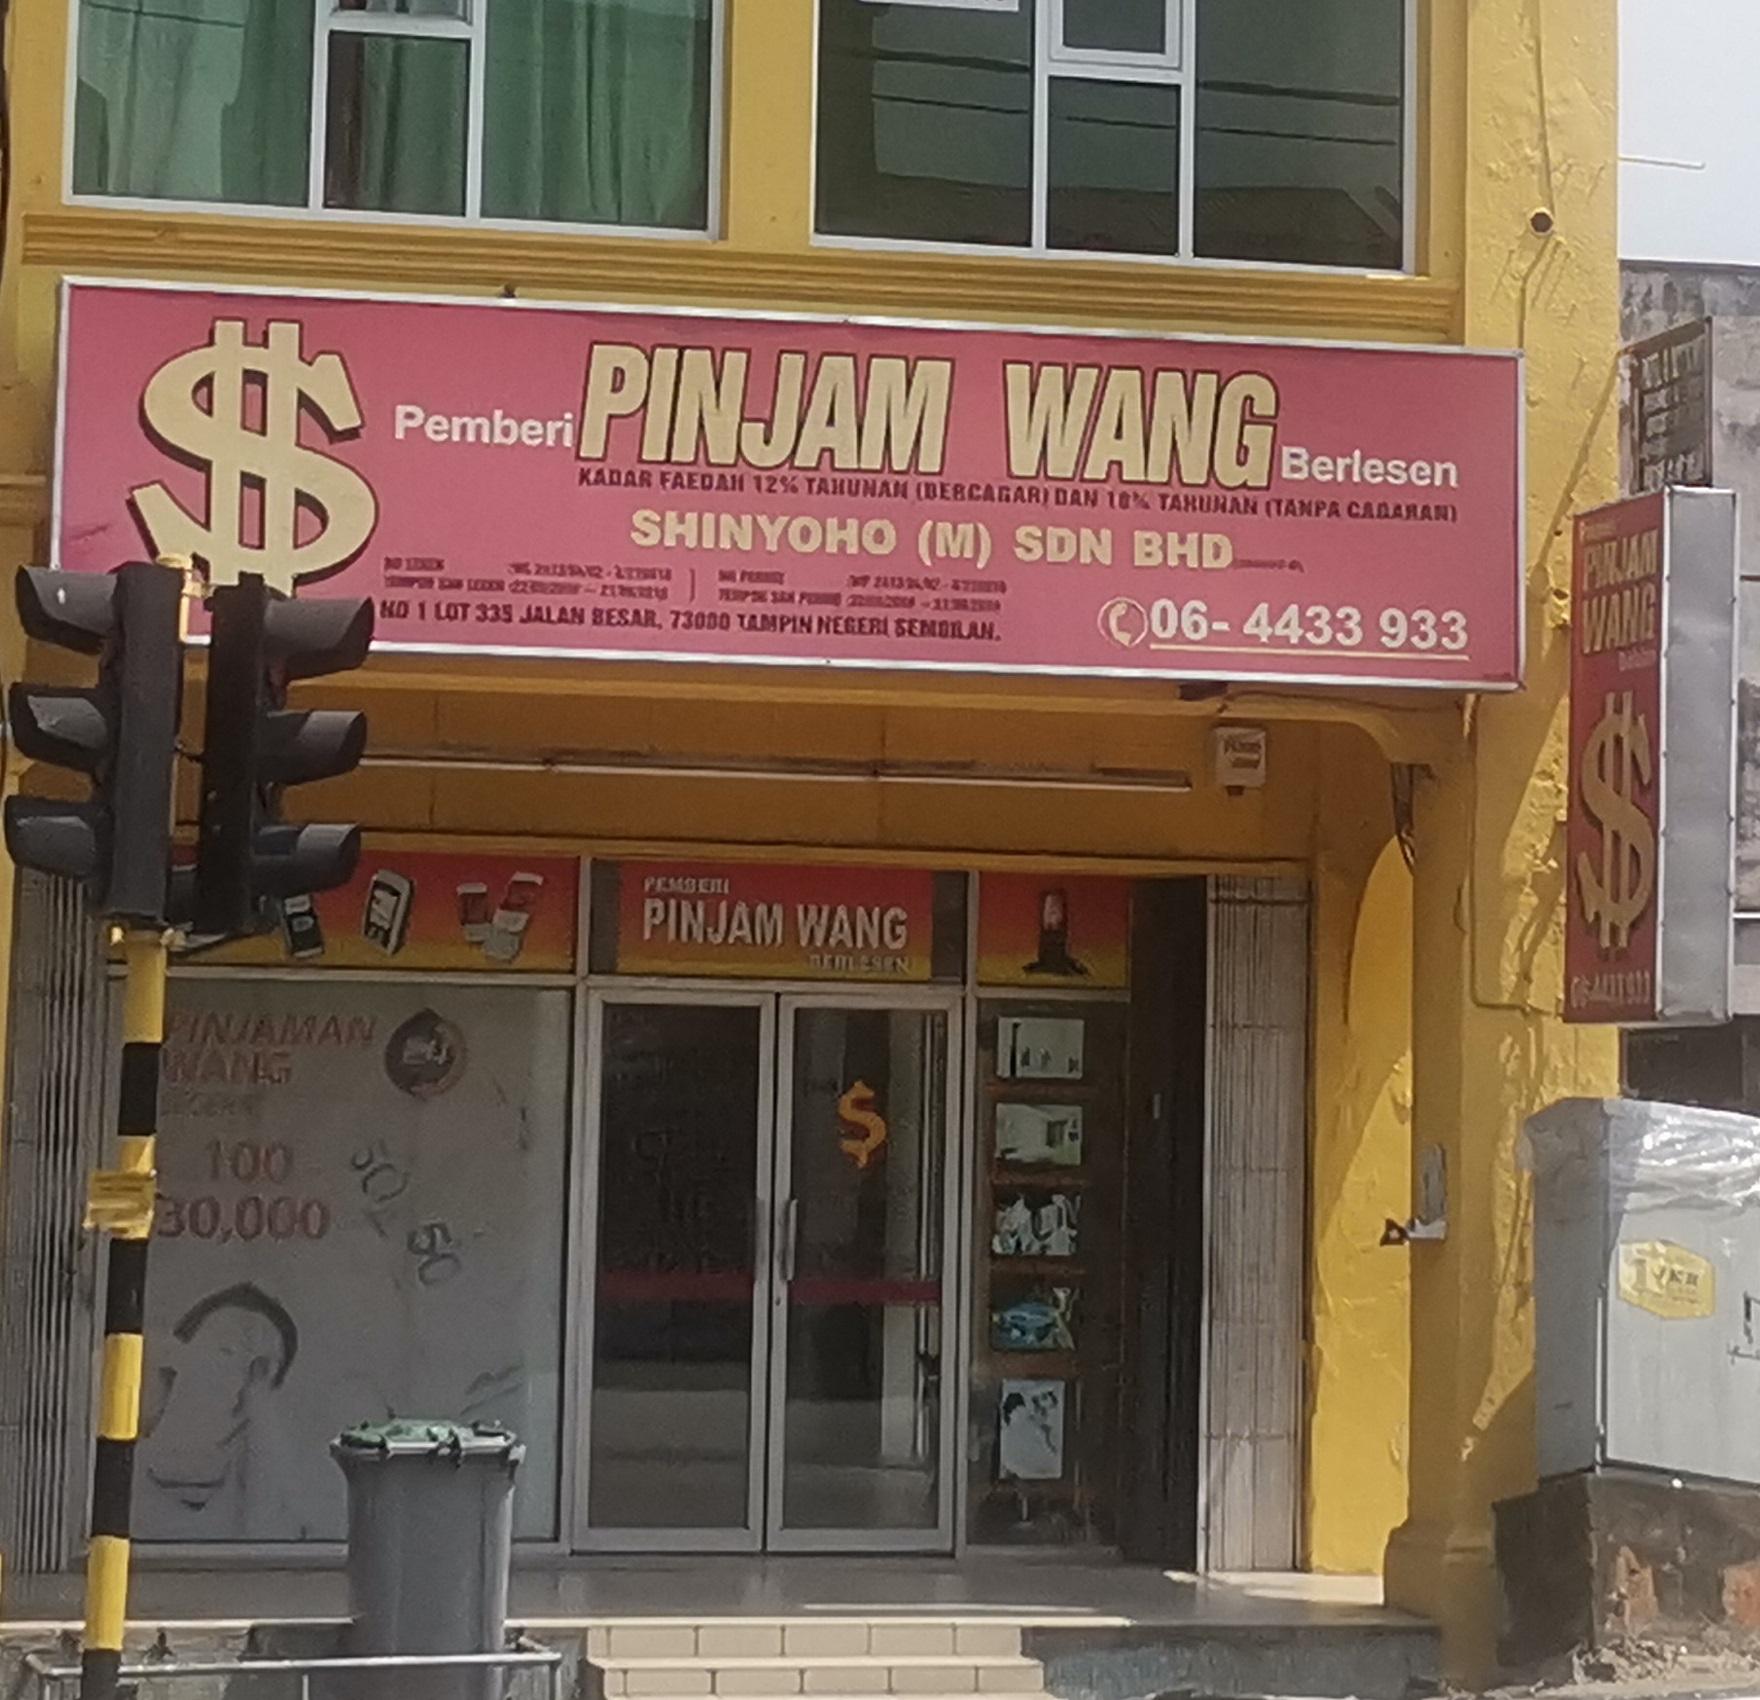 Shinyoho (M) Sdn Bhd   iPinjam com - Direktori Carian Pinjaman Peribadi